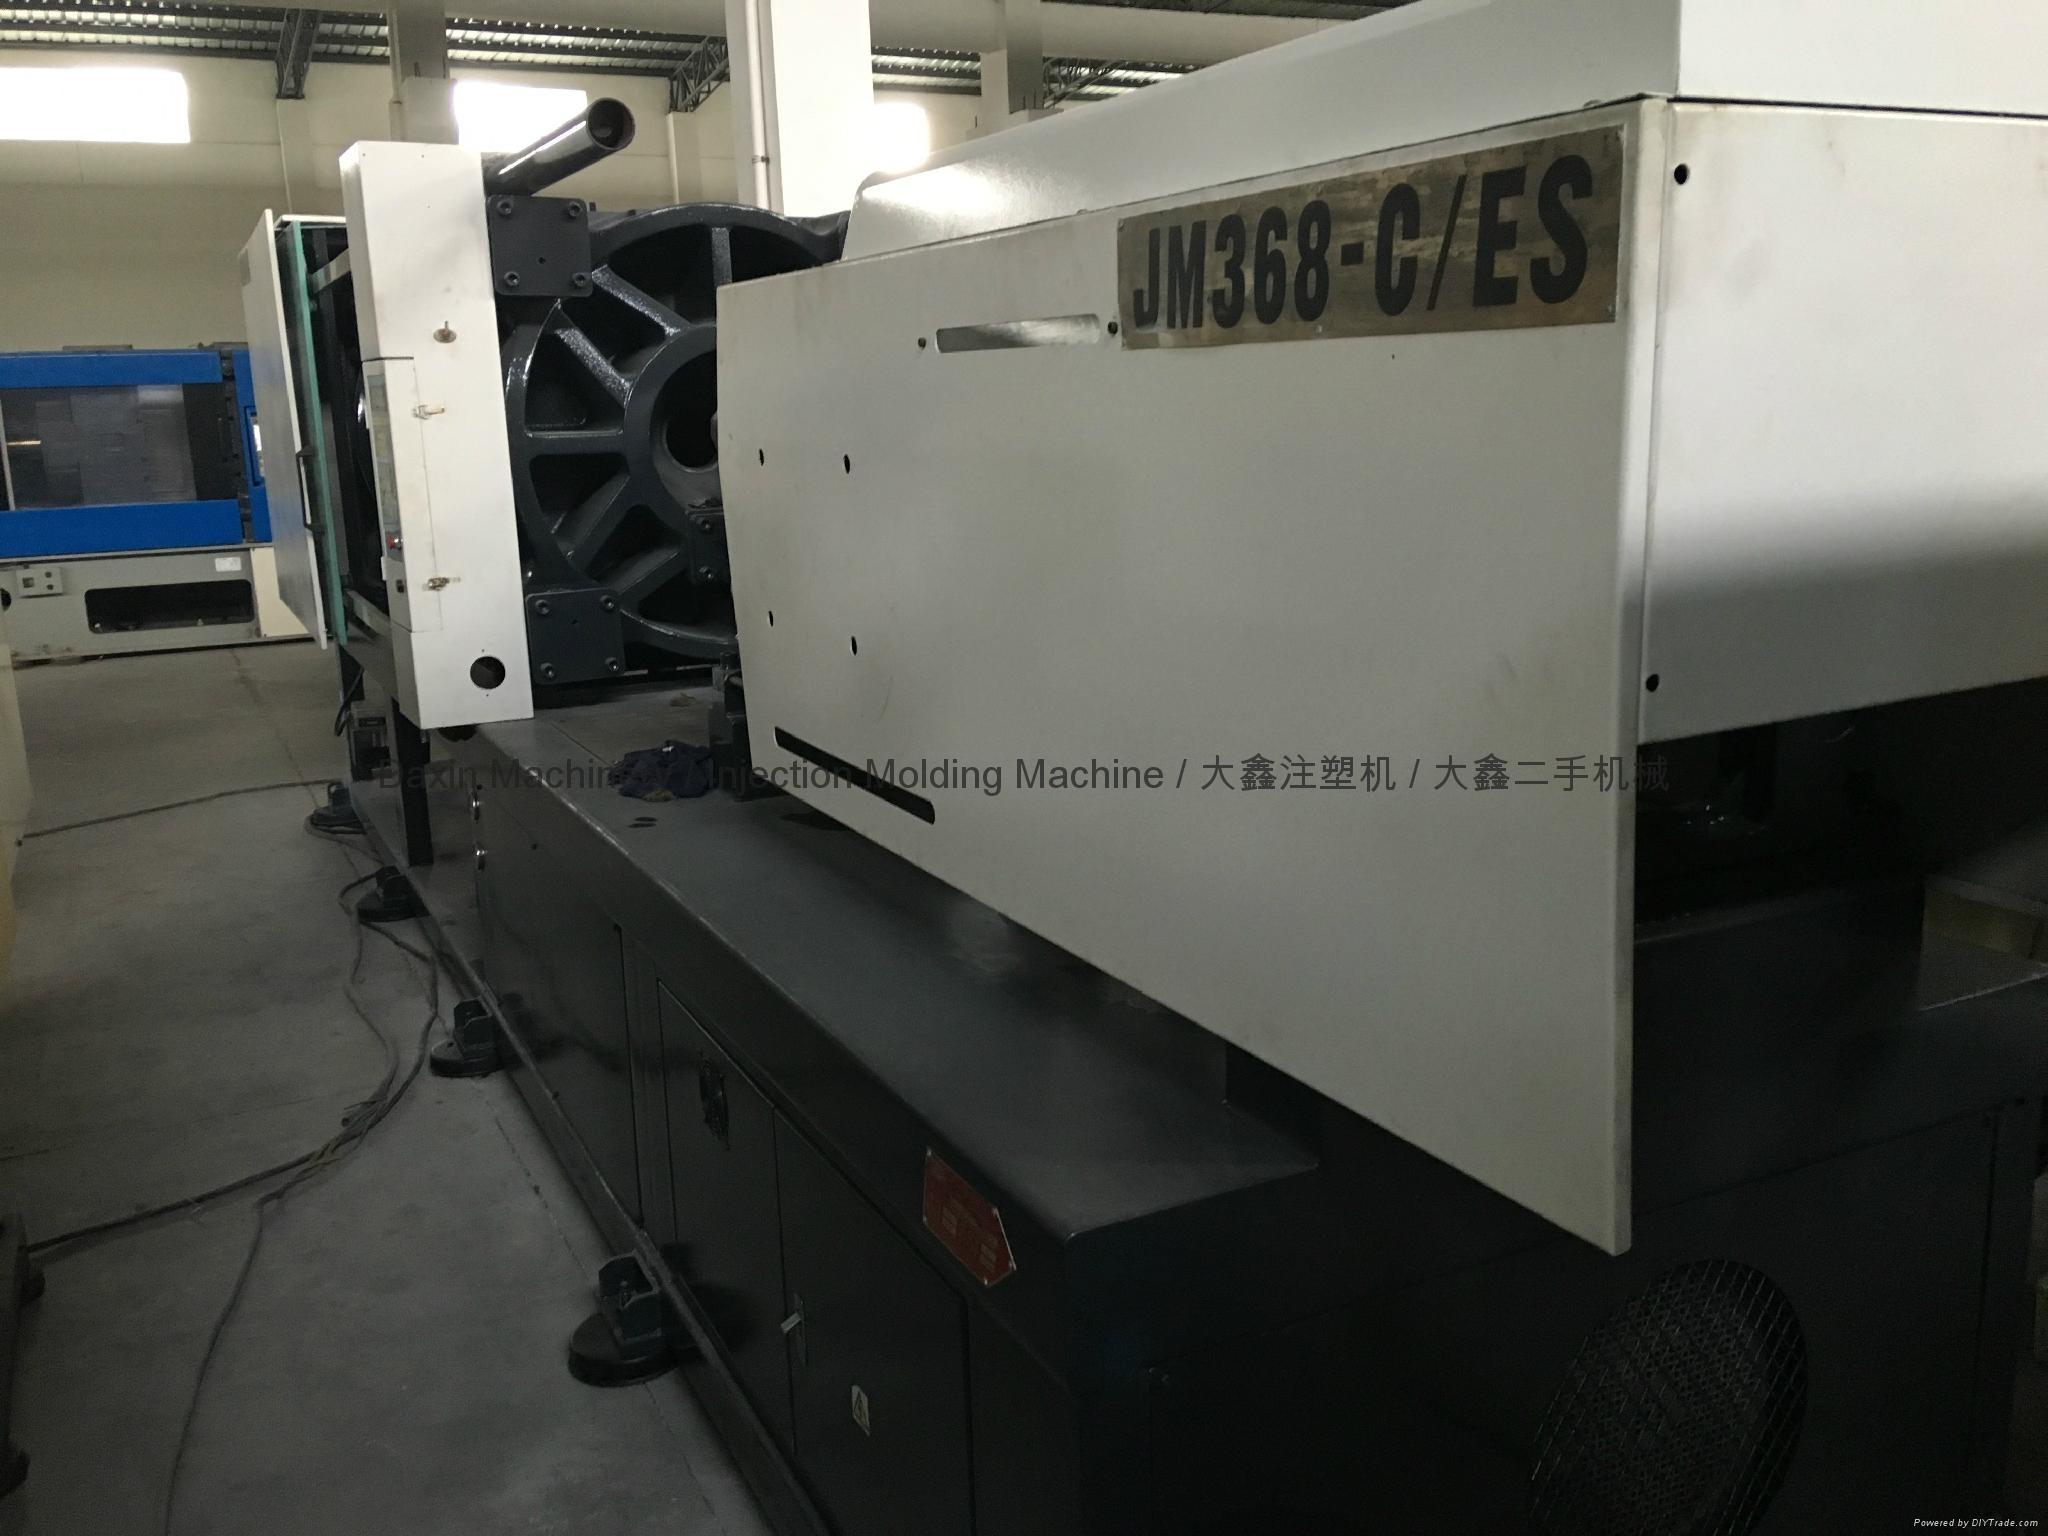 震雄JM368-C/ES二手注塑機